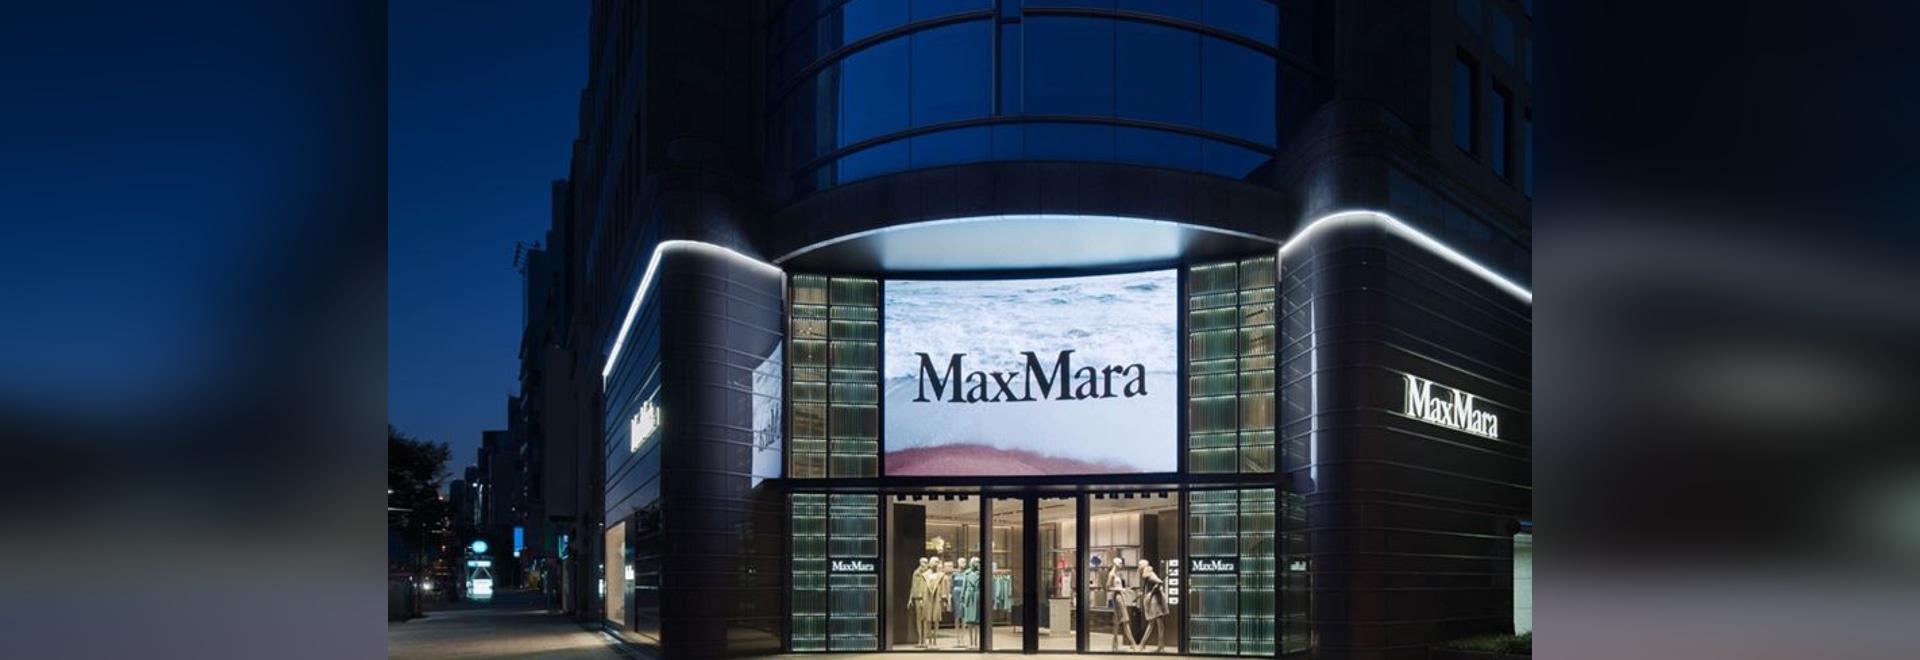 Boutique máximo Tokio Aoyama de Mara